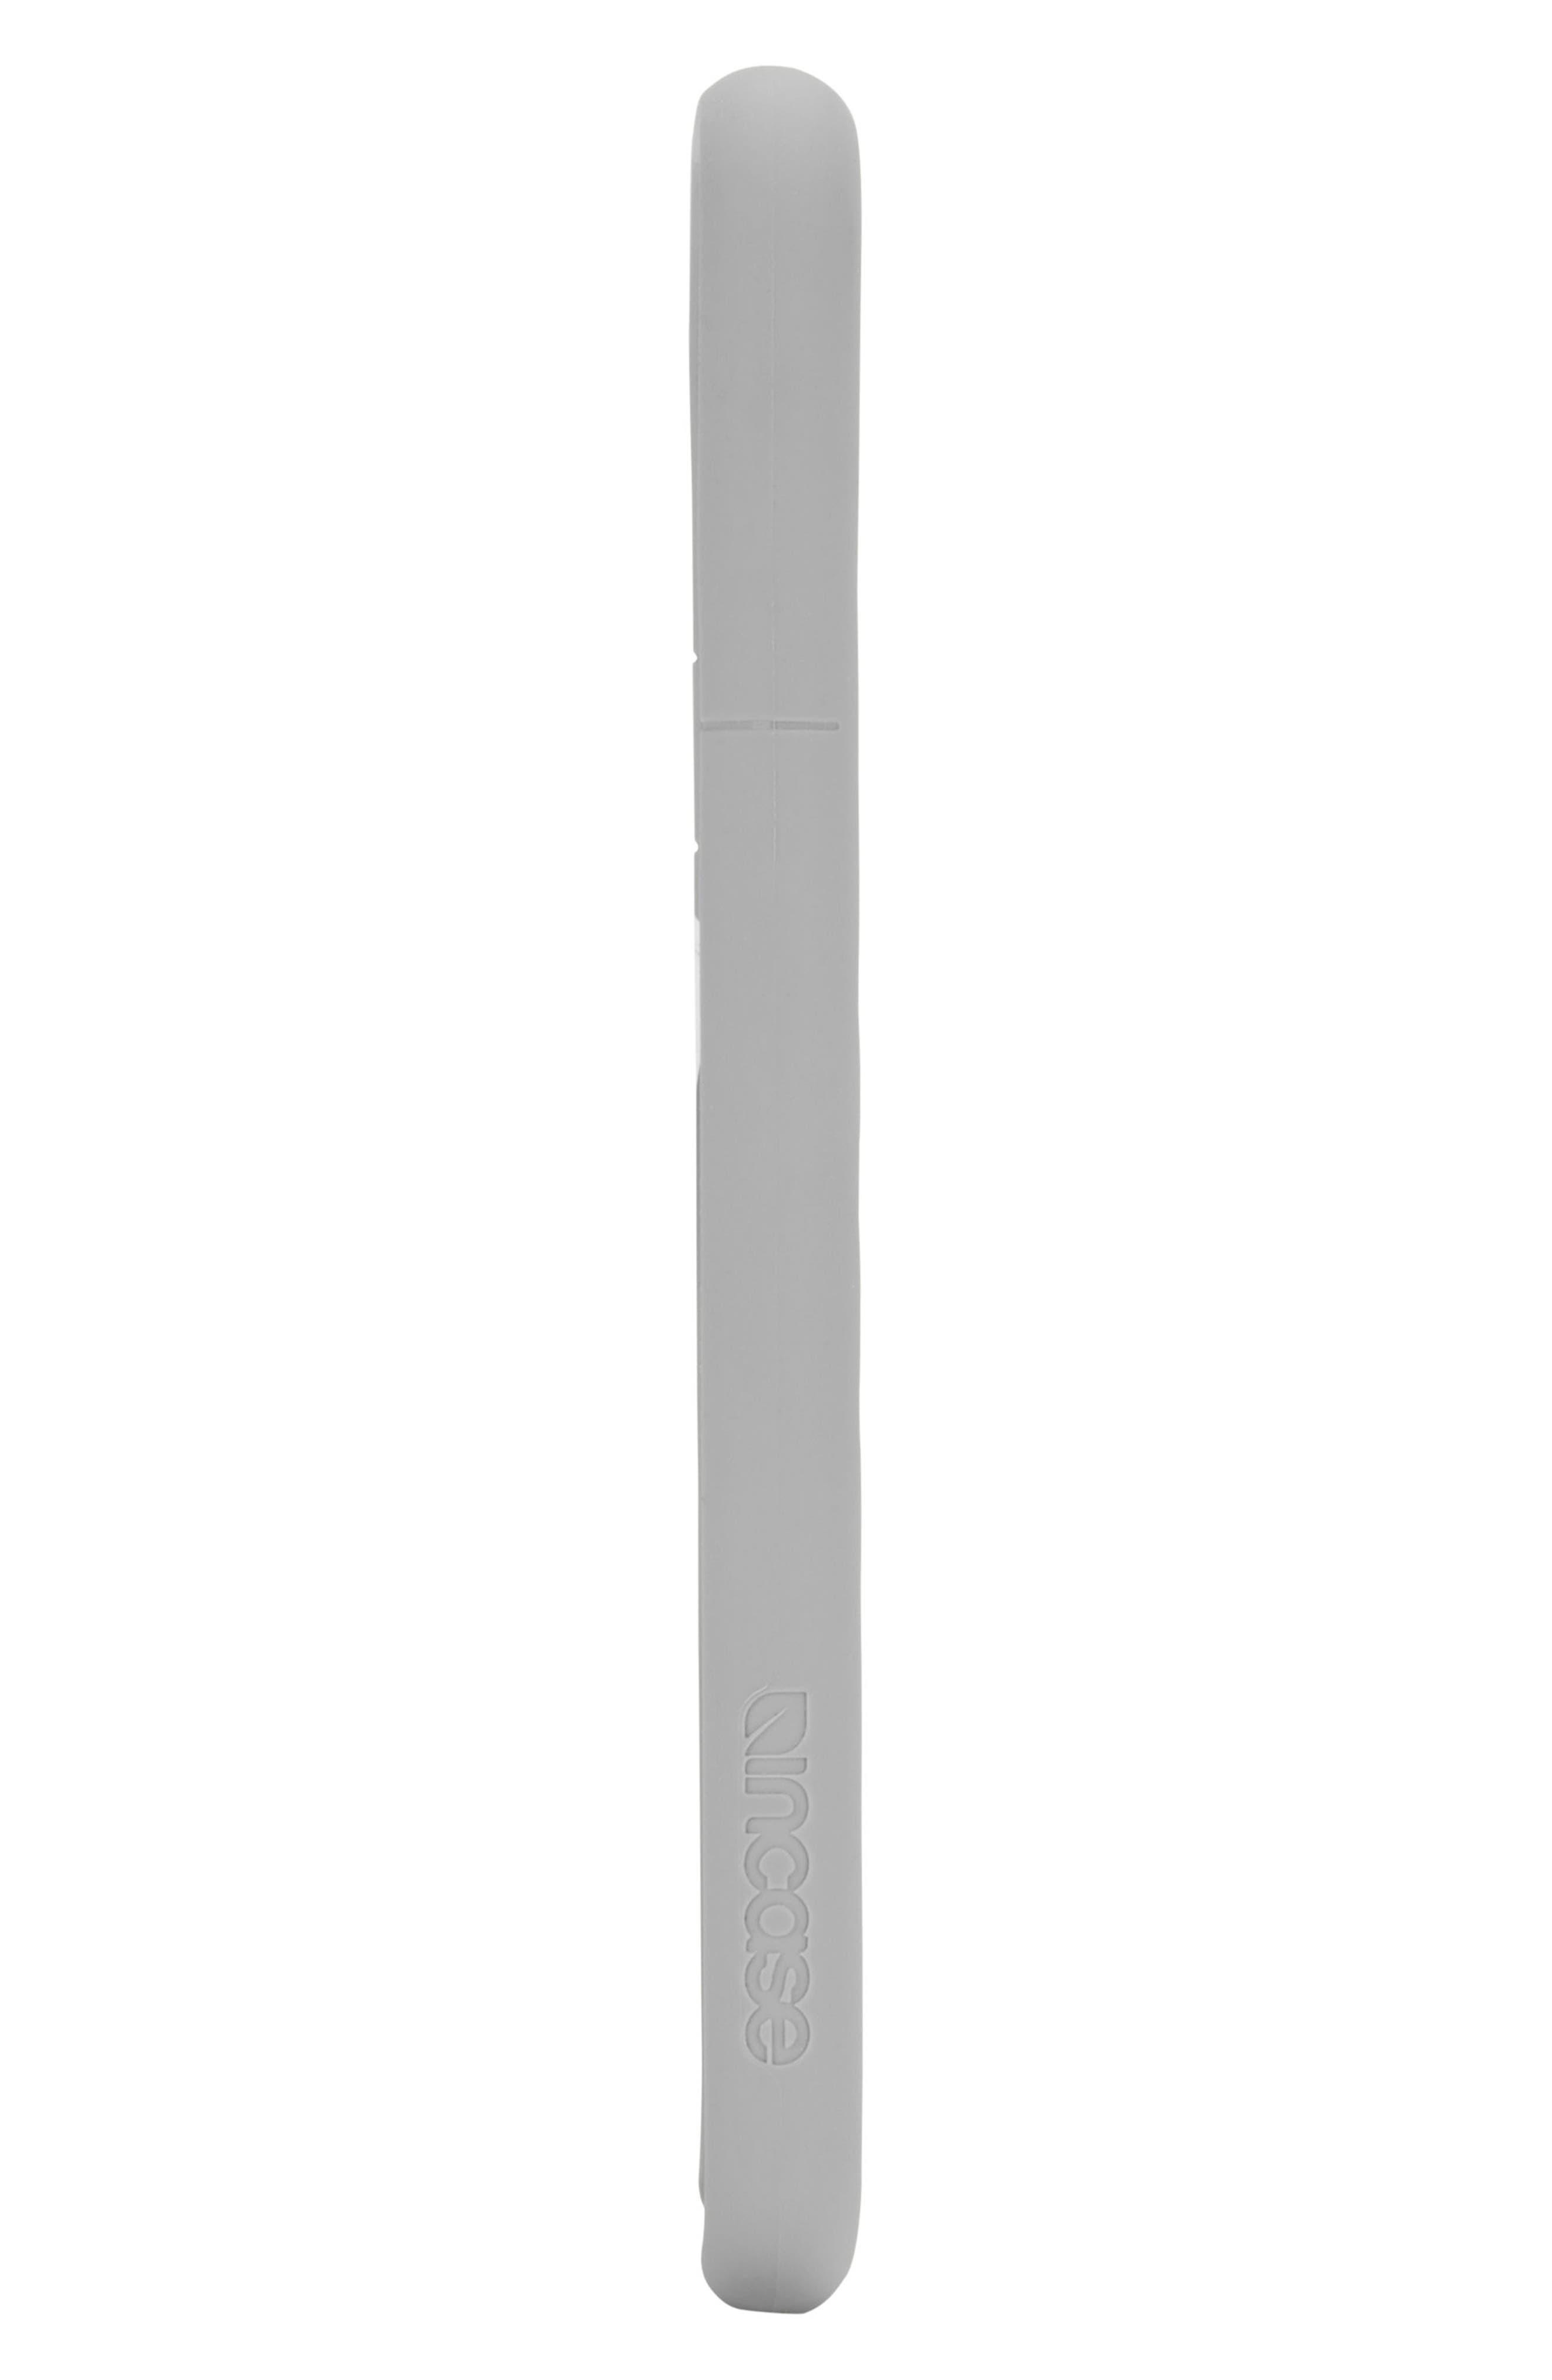 INCASE DESIGNS, Facet iPhone X & Xs Case, Alternate thumbnail 3, color, SLATE